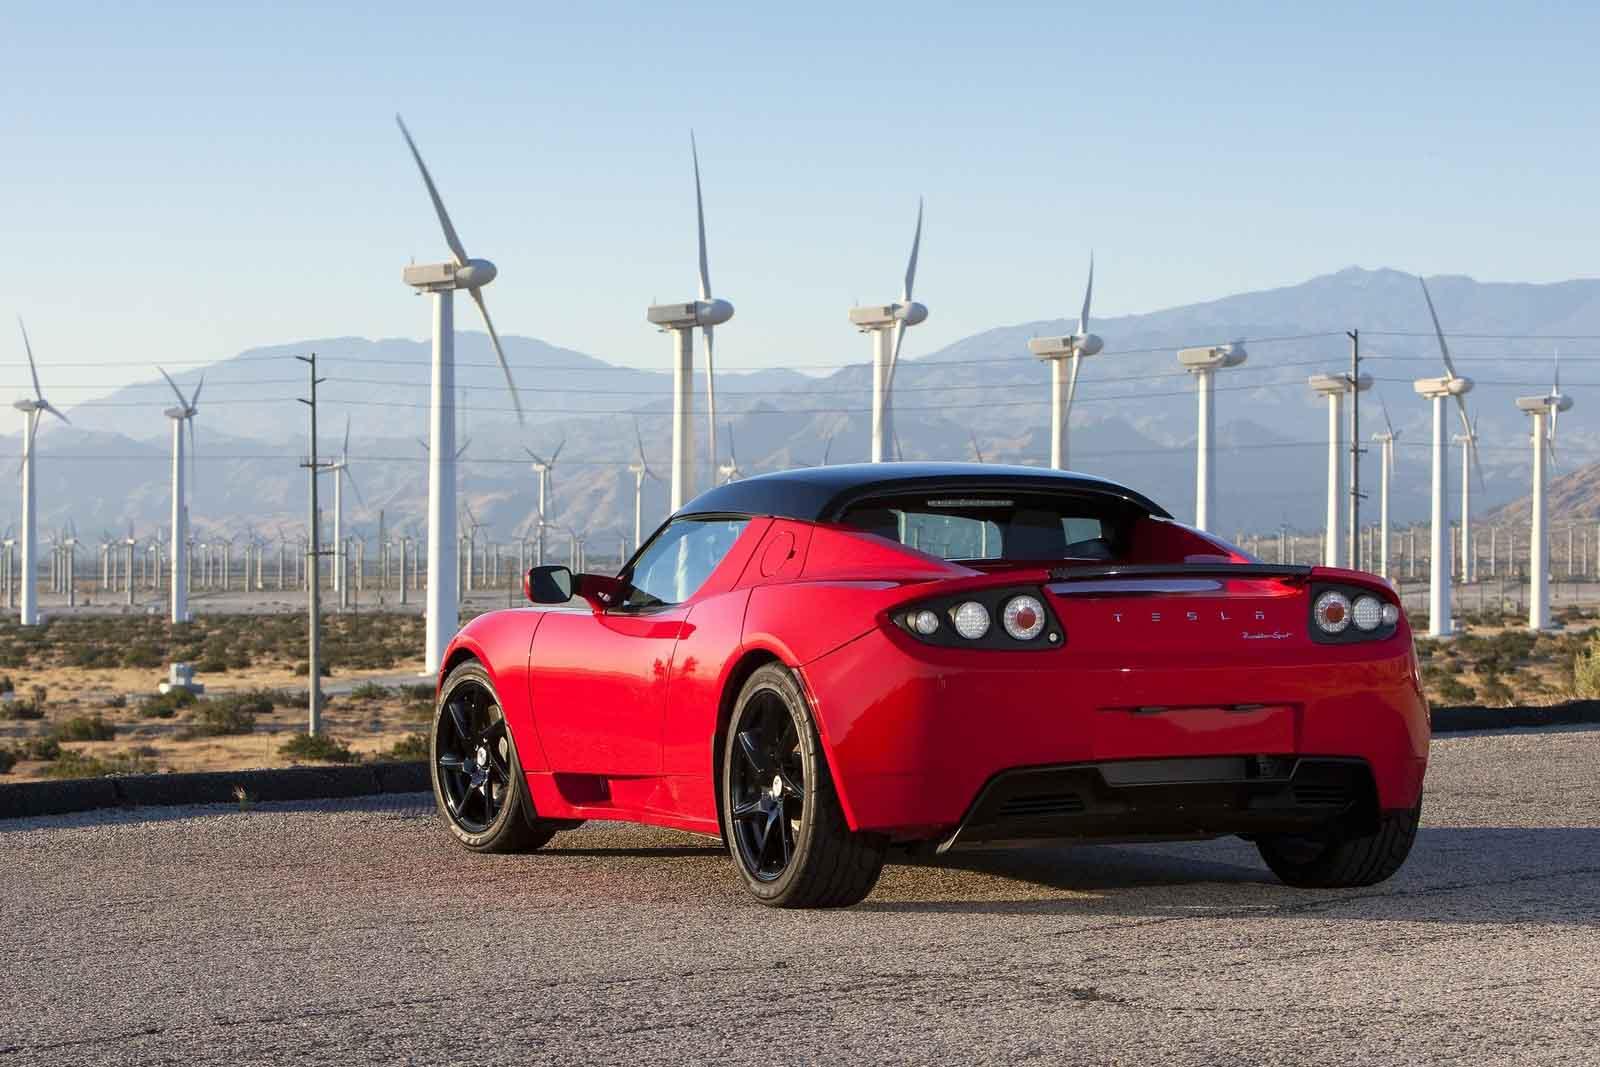 Một chiếc Tesla mang dáng dấp siêu xe